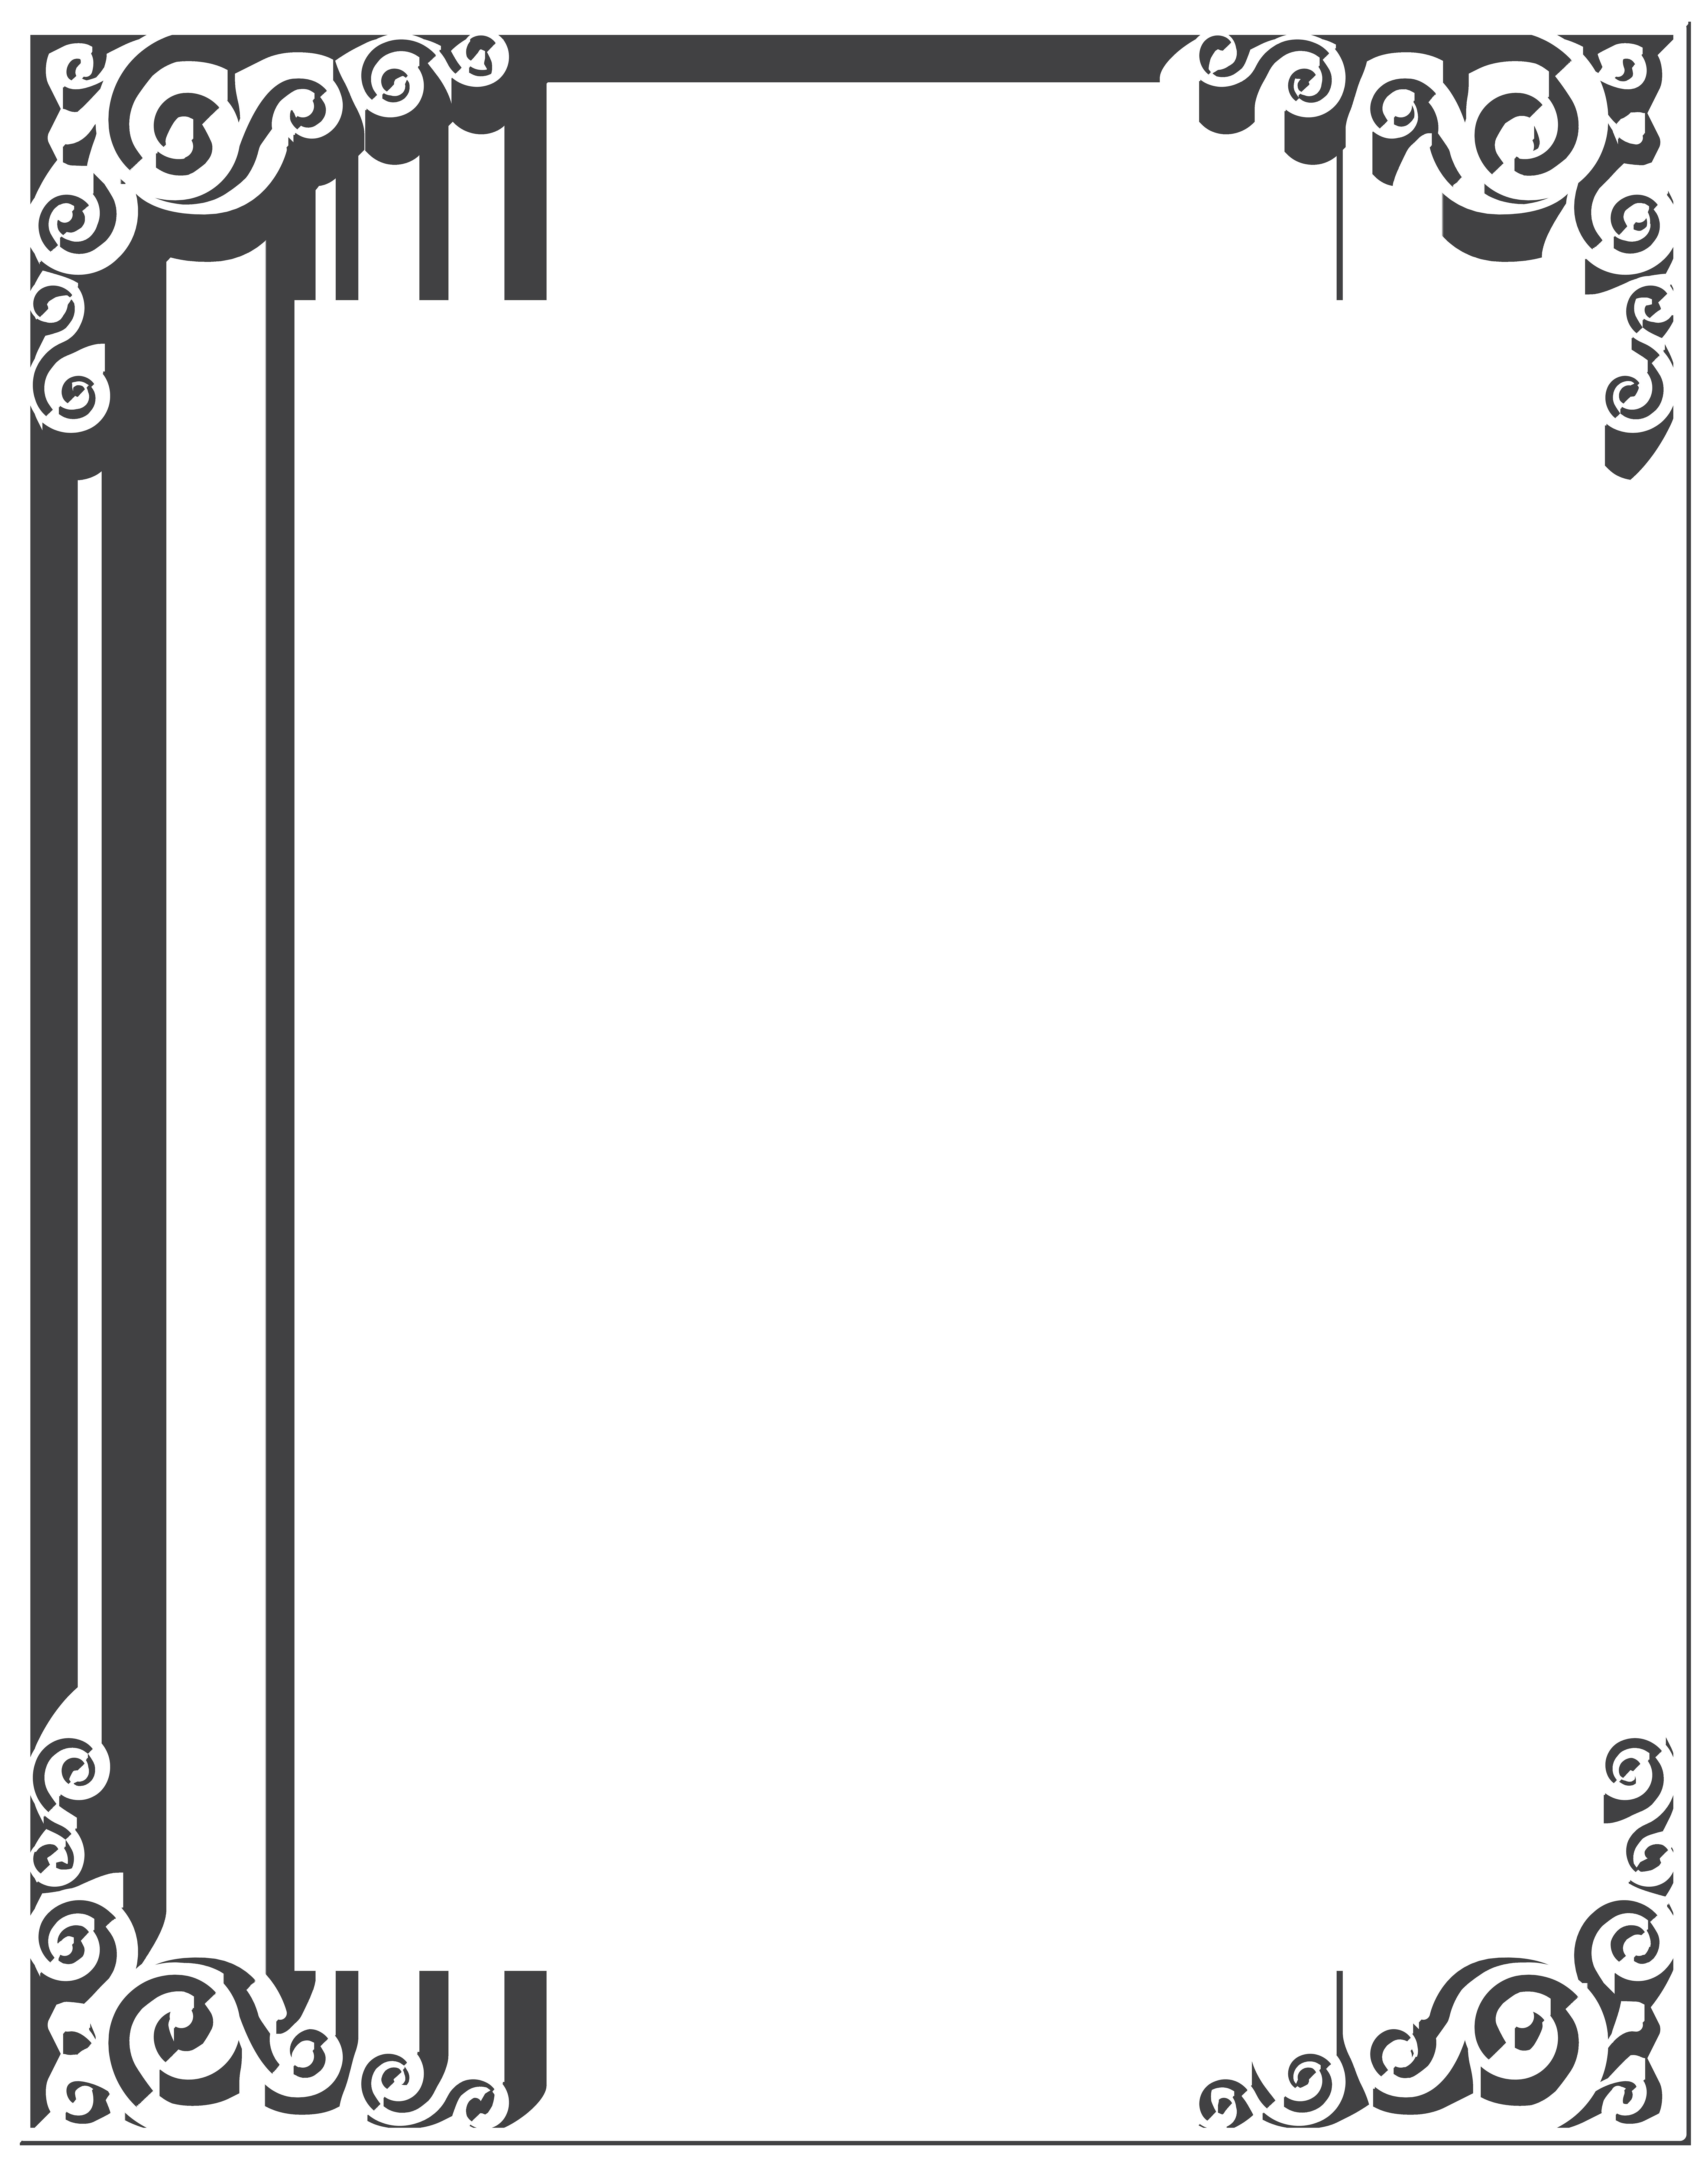 White Border Frame PNG Clip Art Image.